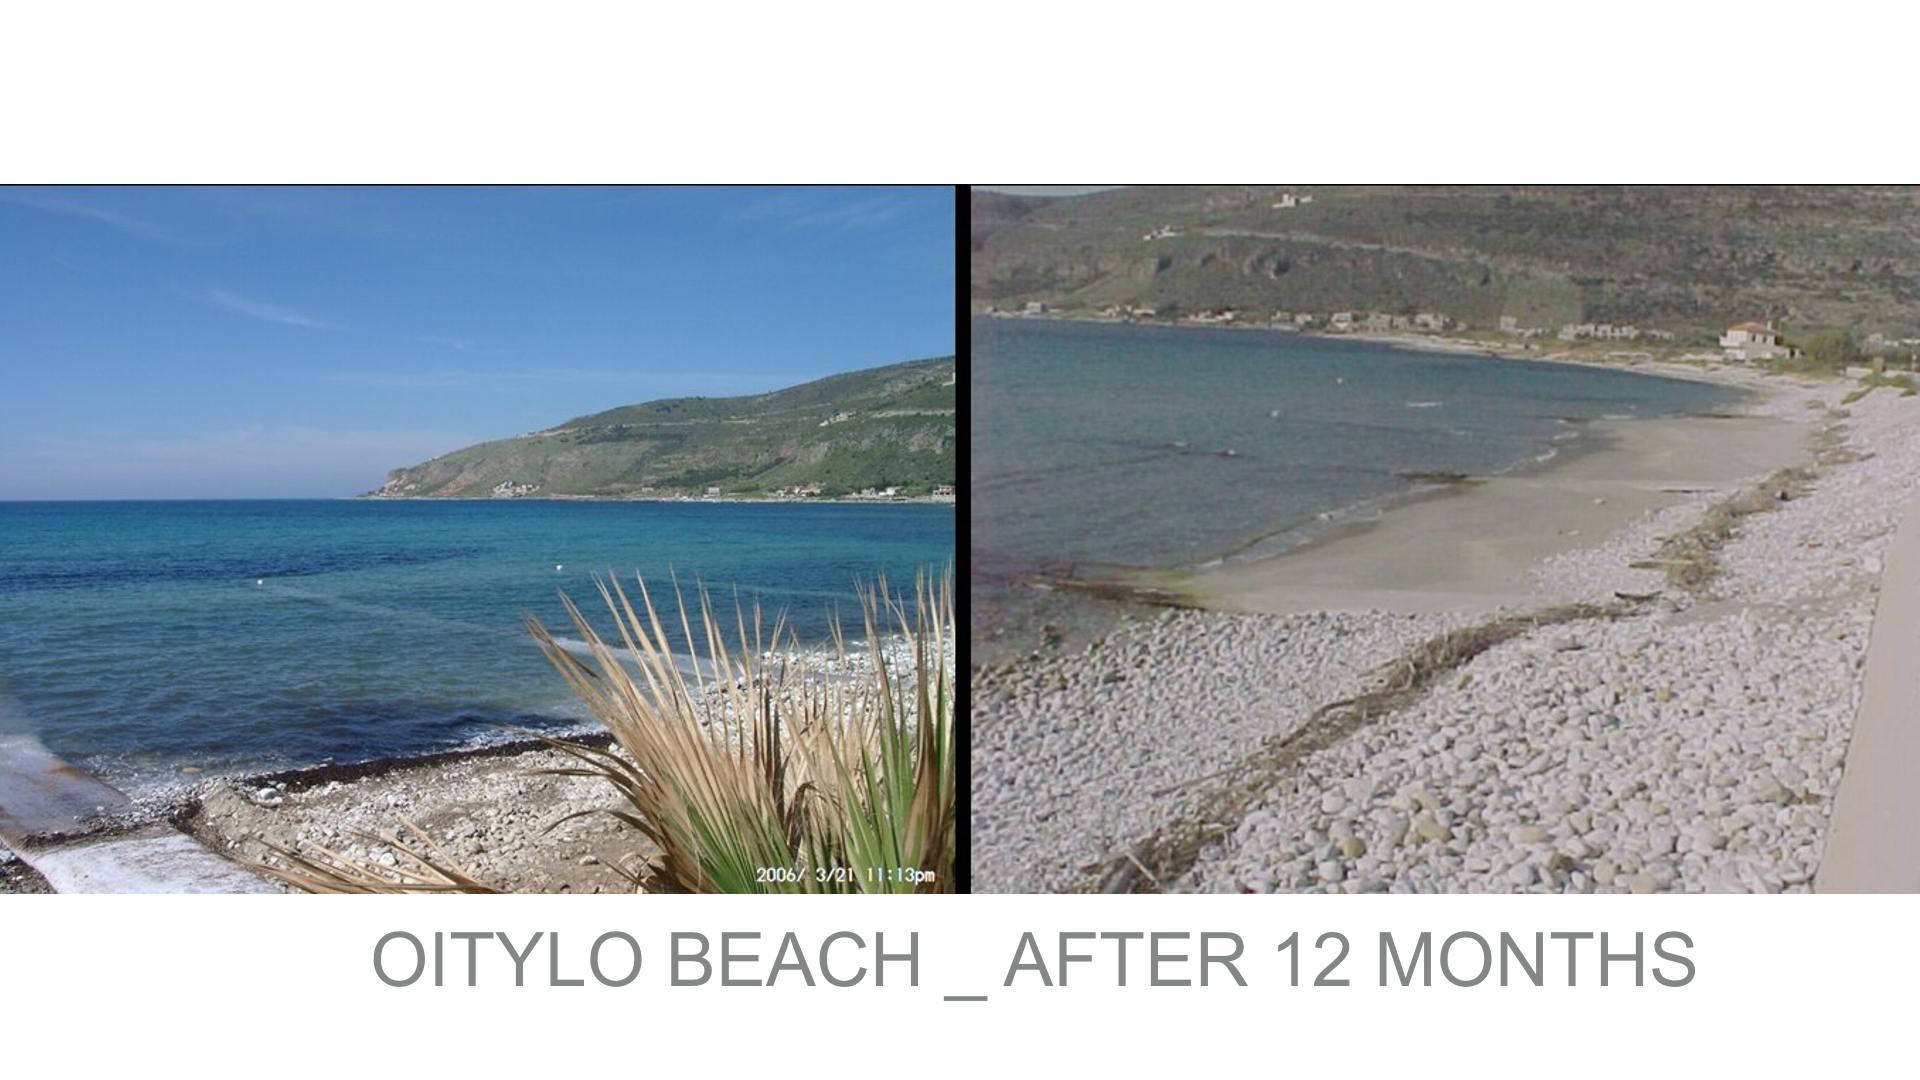 oitylo_beach_after_12_months_1920x1080